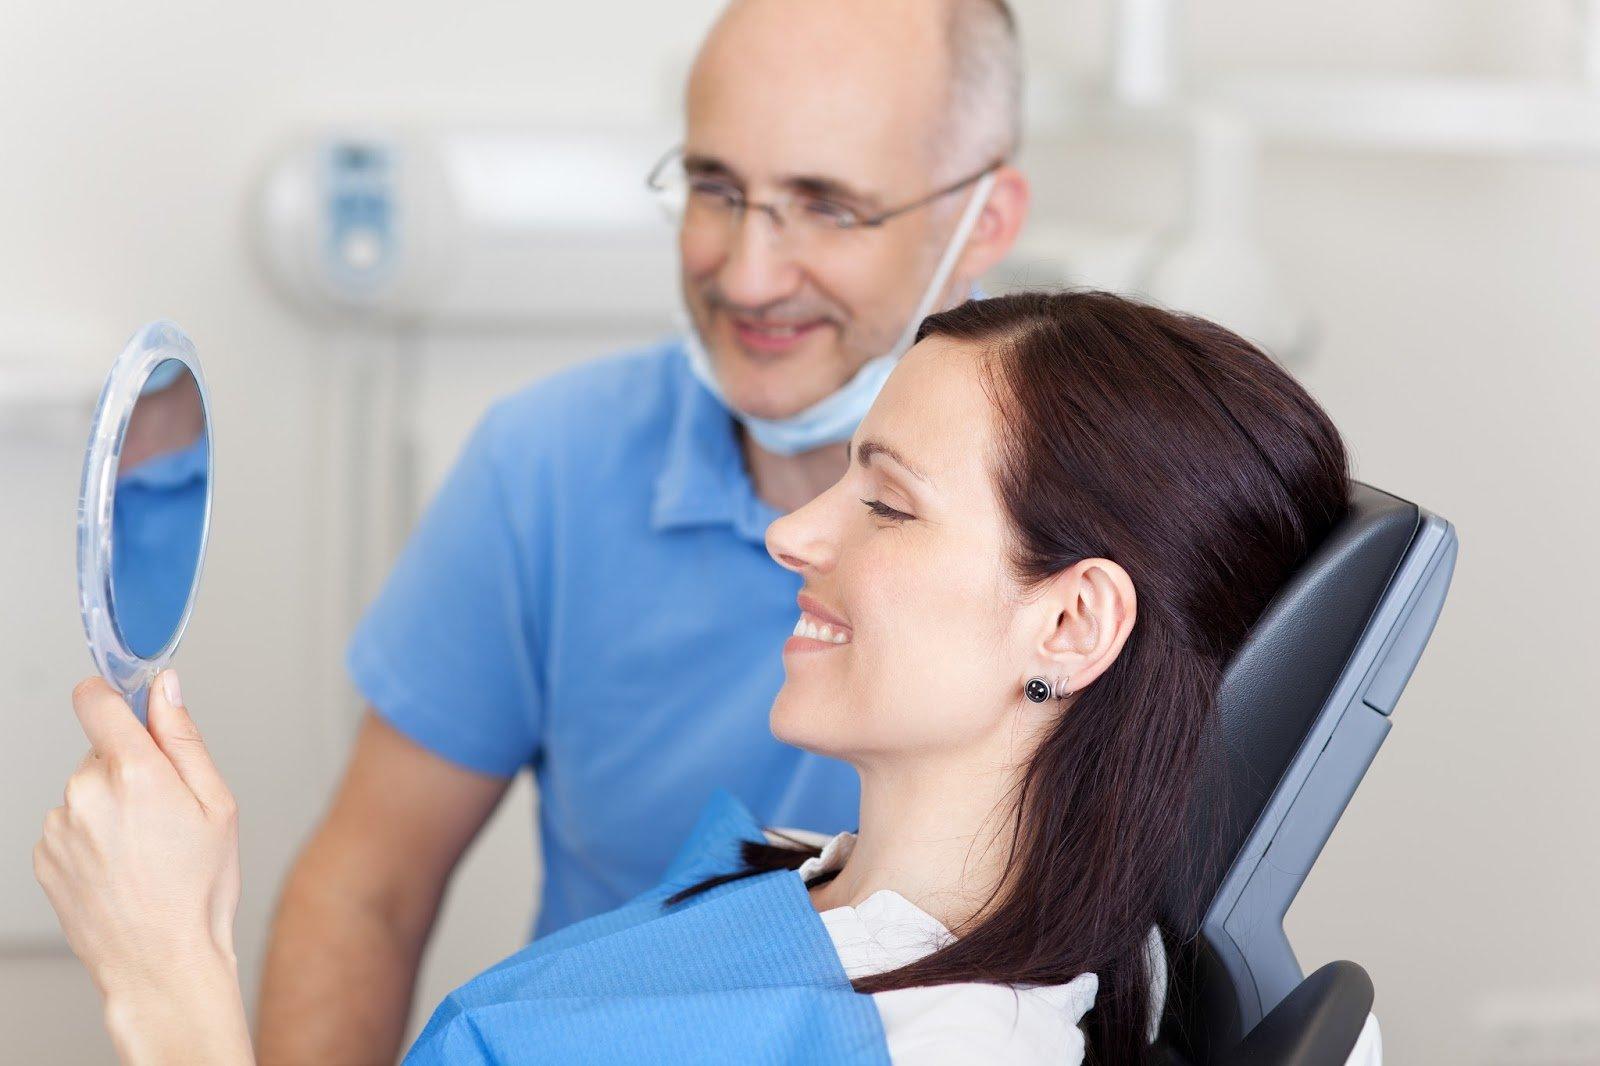 Как выбрать хорошую стоматологическую клинику: советы специалистов